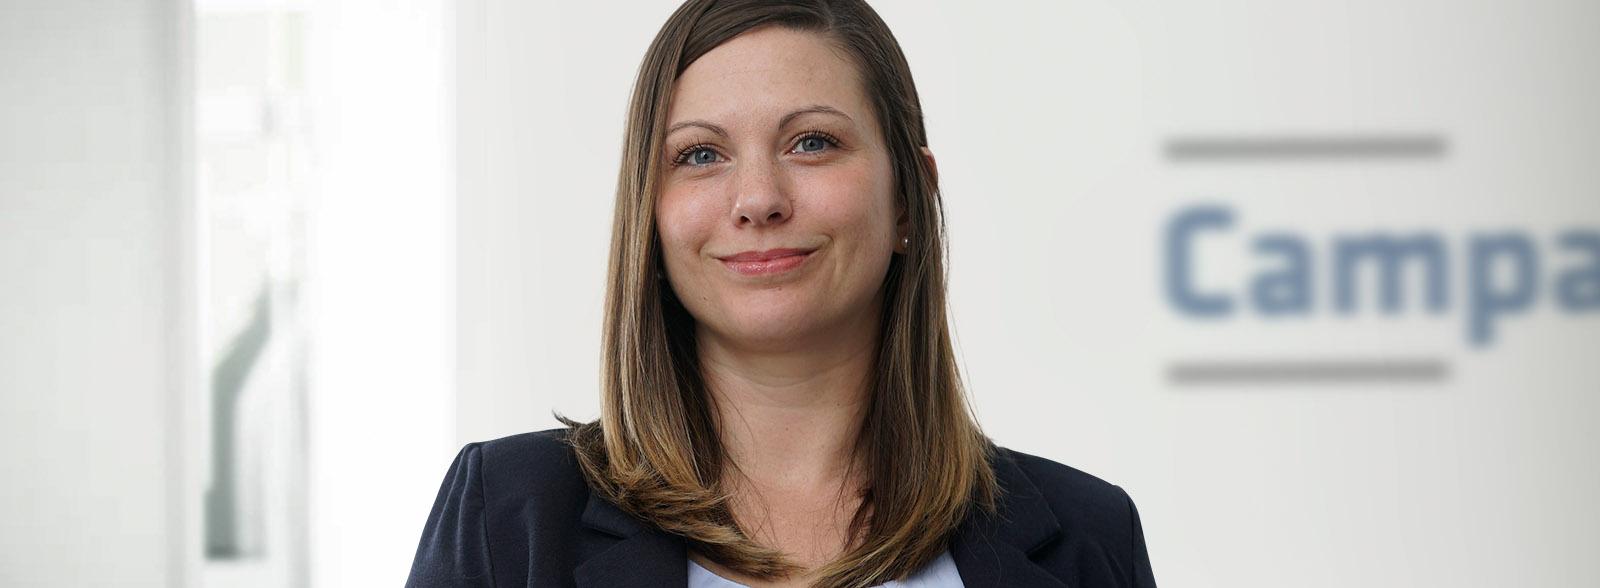 Marketing Manager Tessa Strathoff